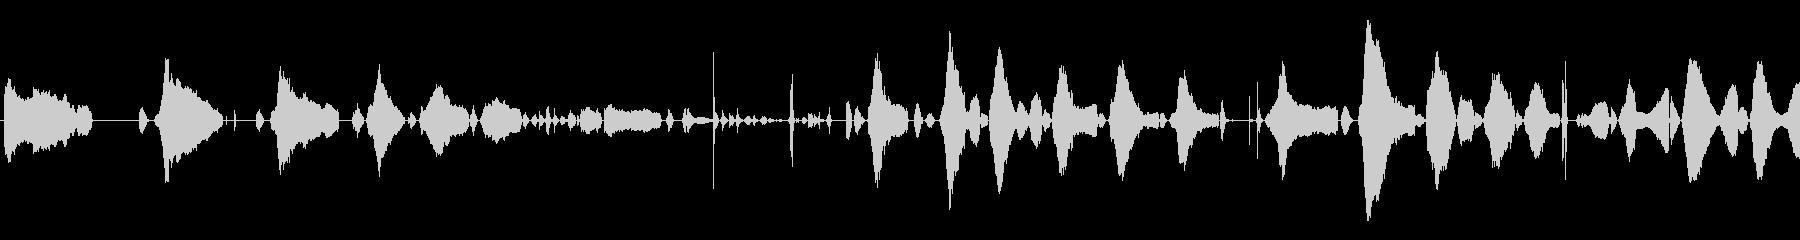 赤ちゃんの泣き声<泣き方 : 弱め>の未再生の波形